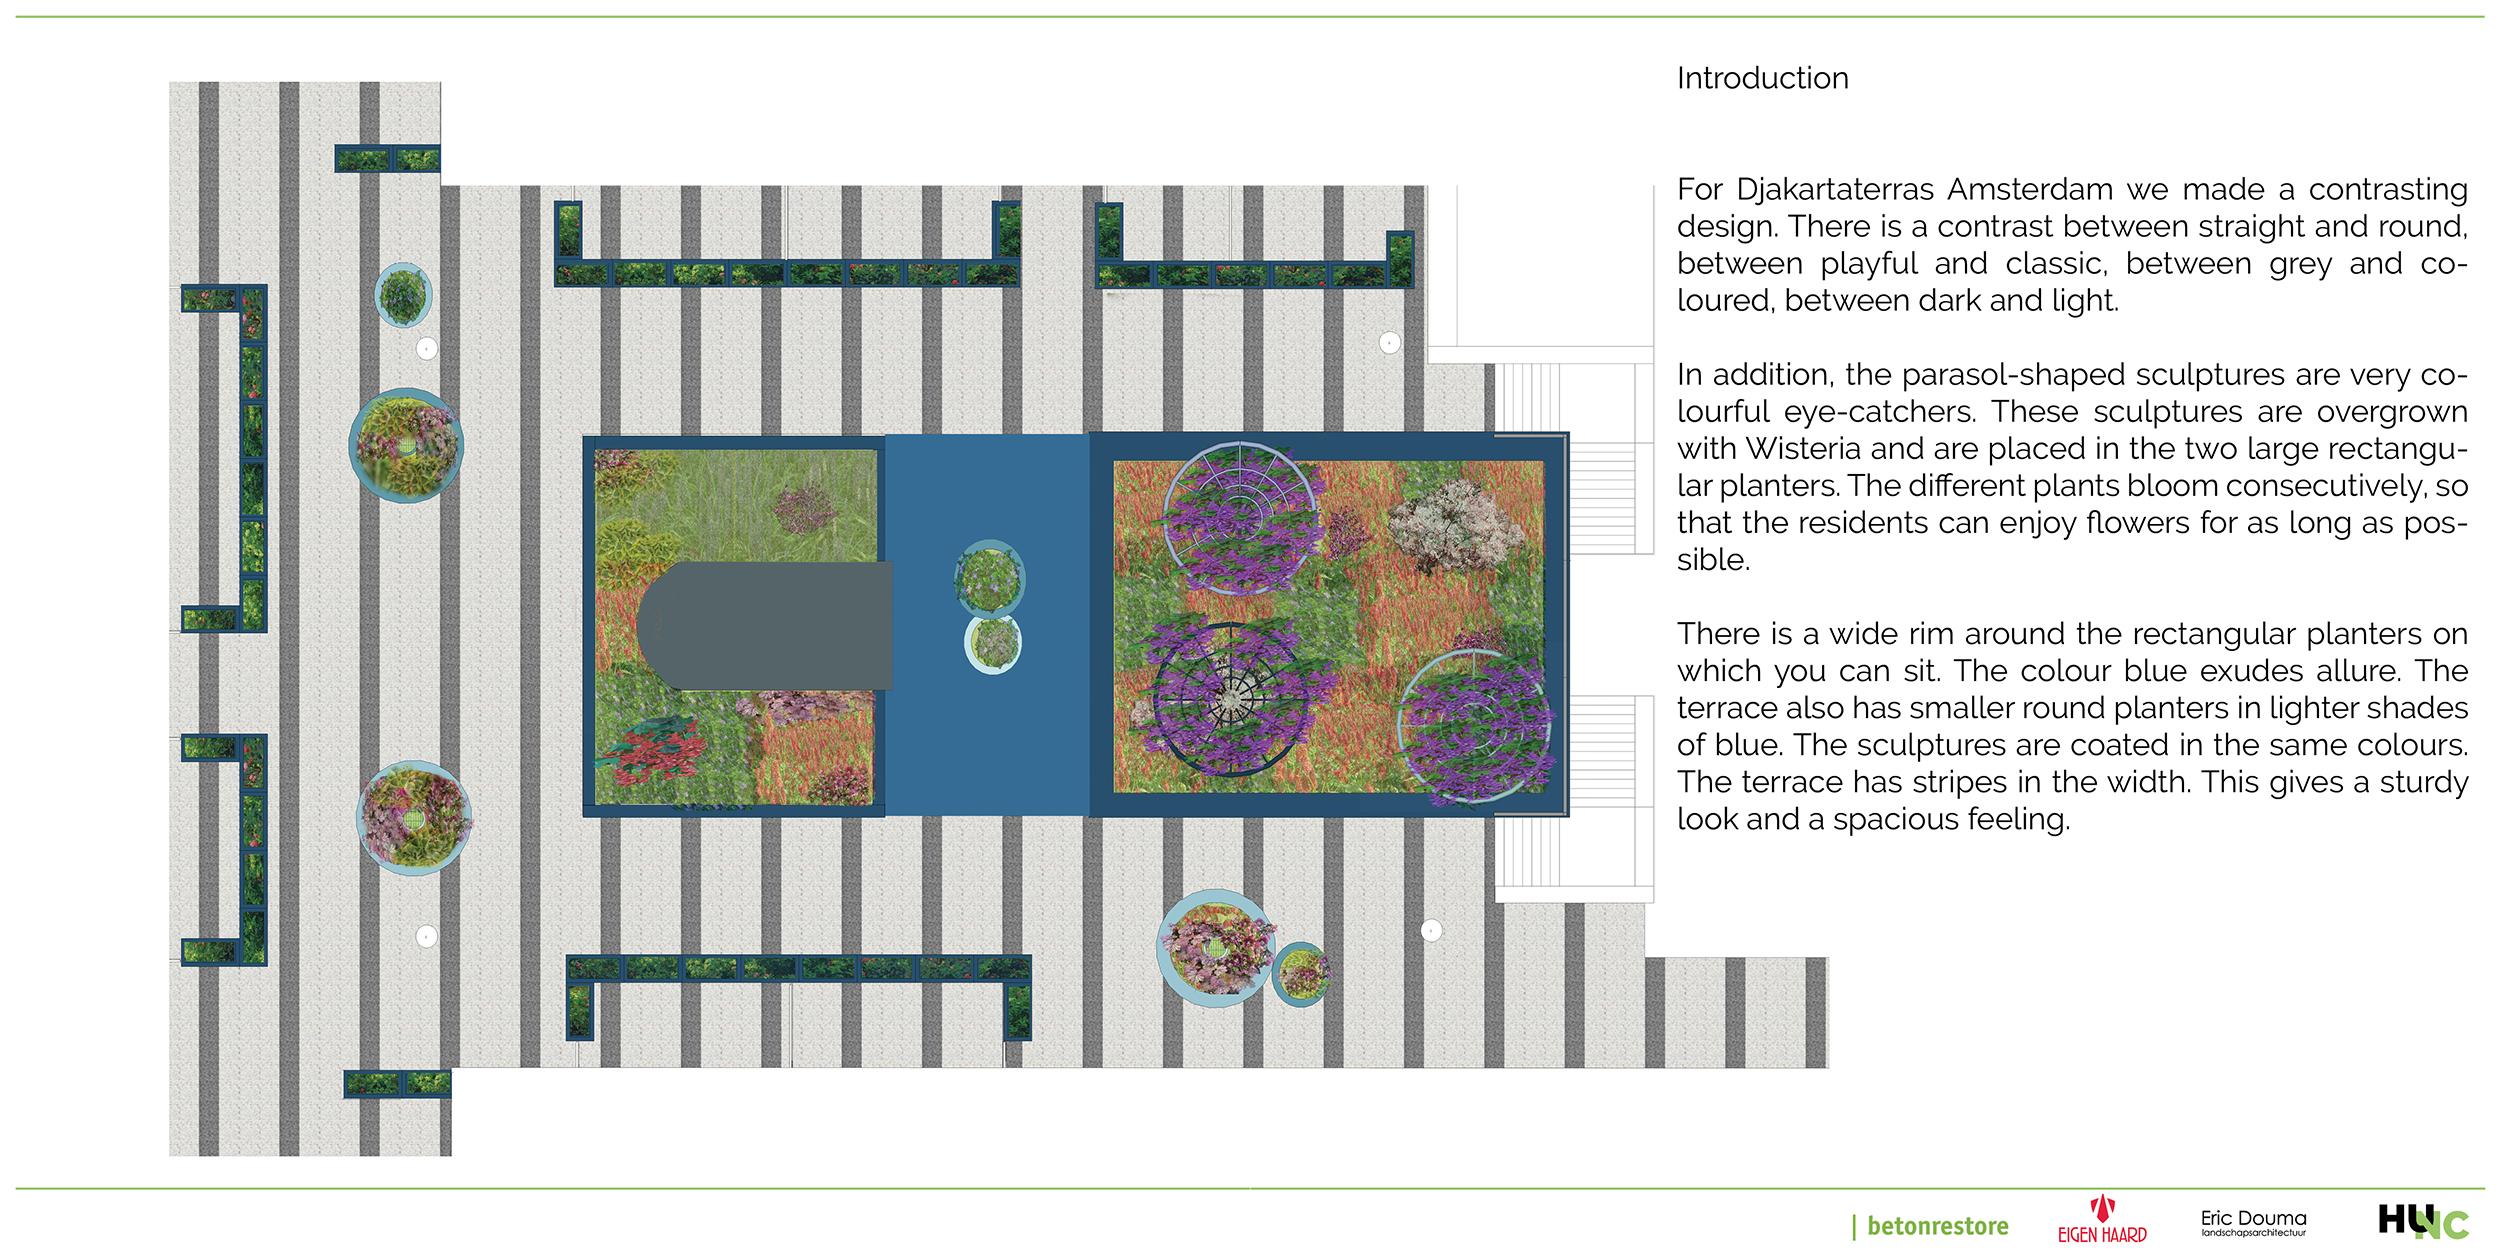 Djakartaterras redesign communal garden